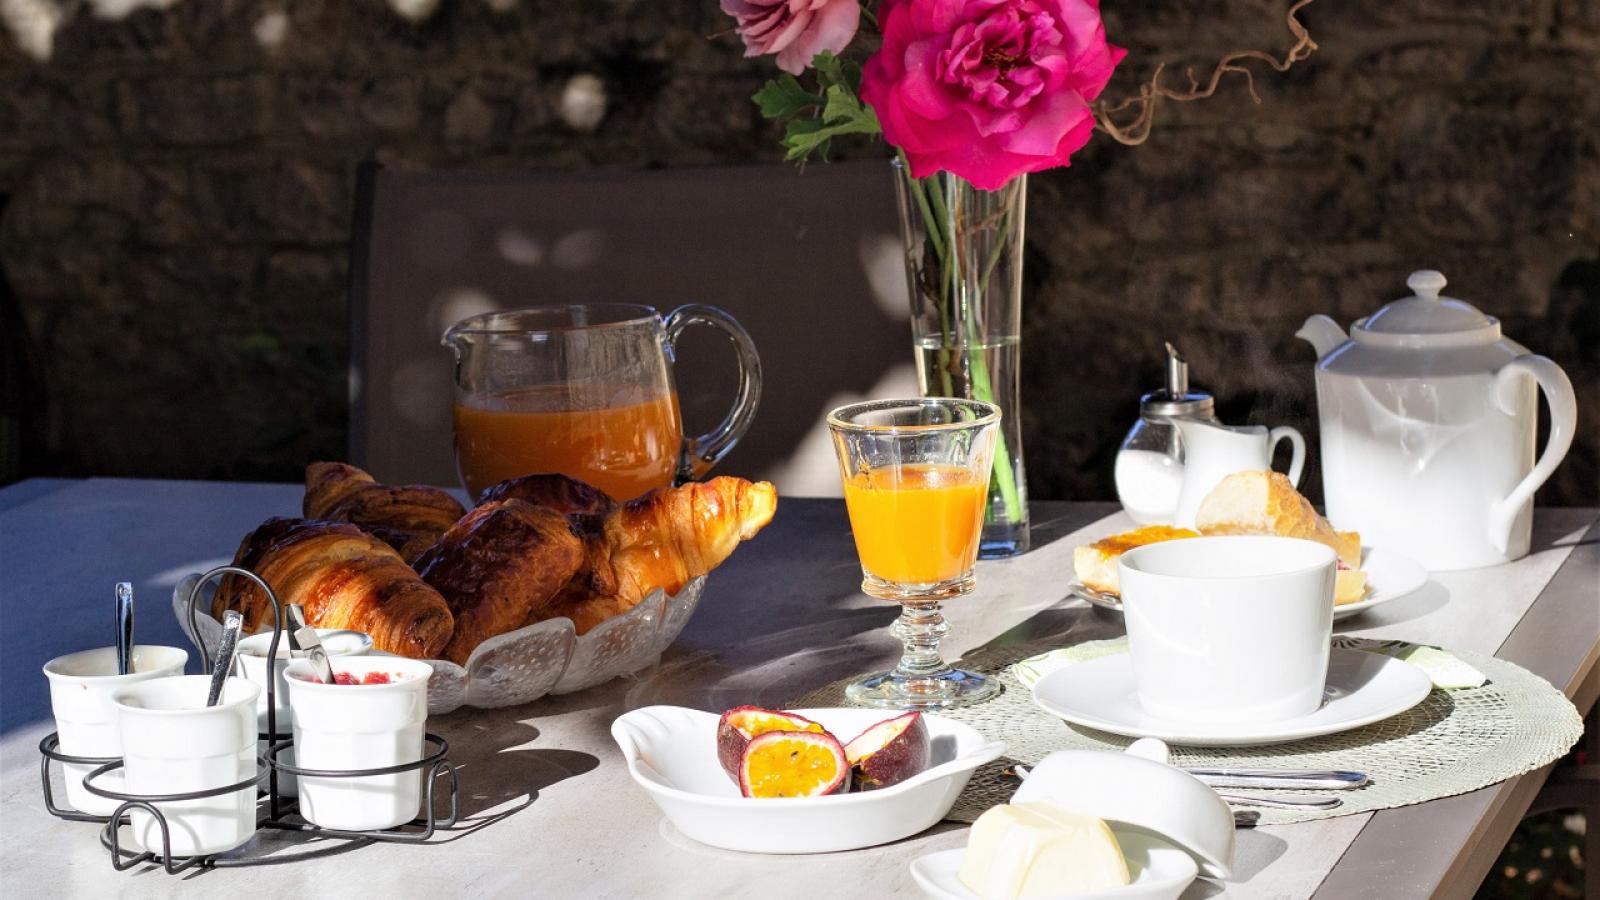 Chambres d'Hôtes 'Les 2 Tilleuls' à Lucenay dans le Beaujolais - Rhône : table de petits déjeuners.